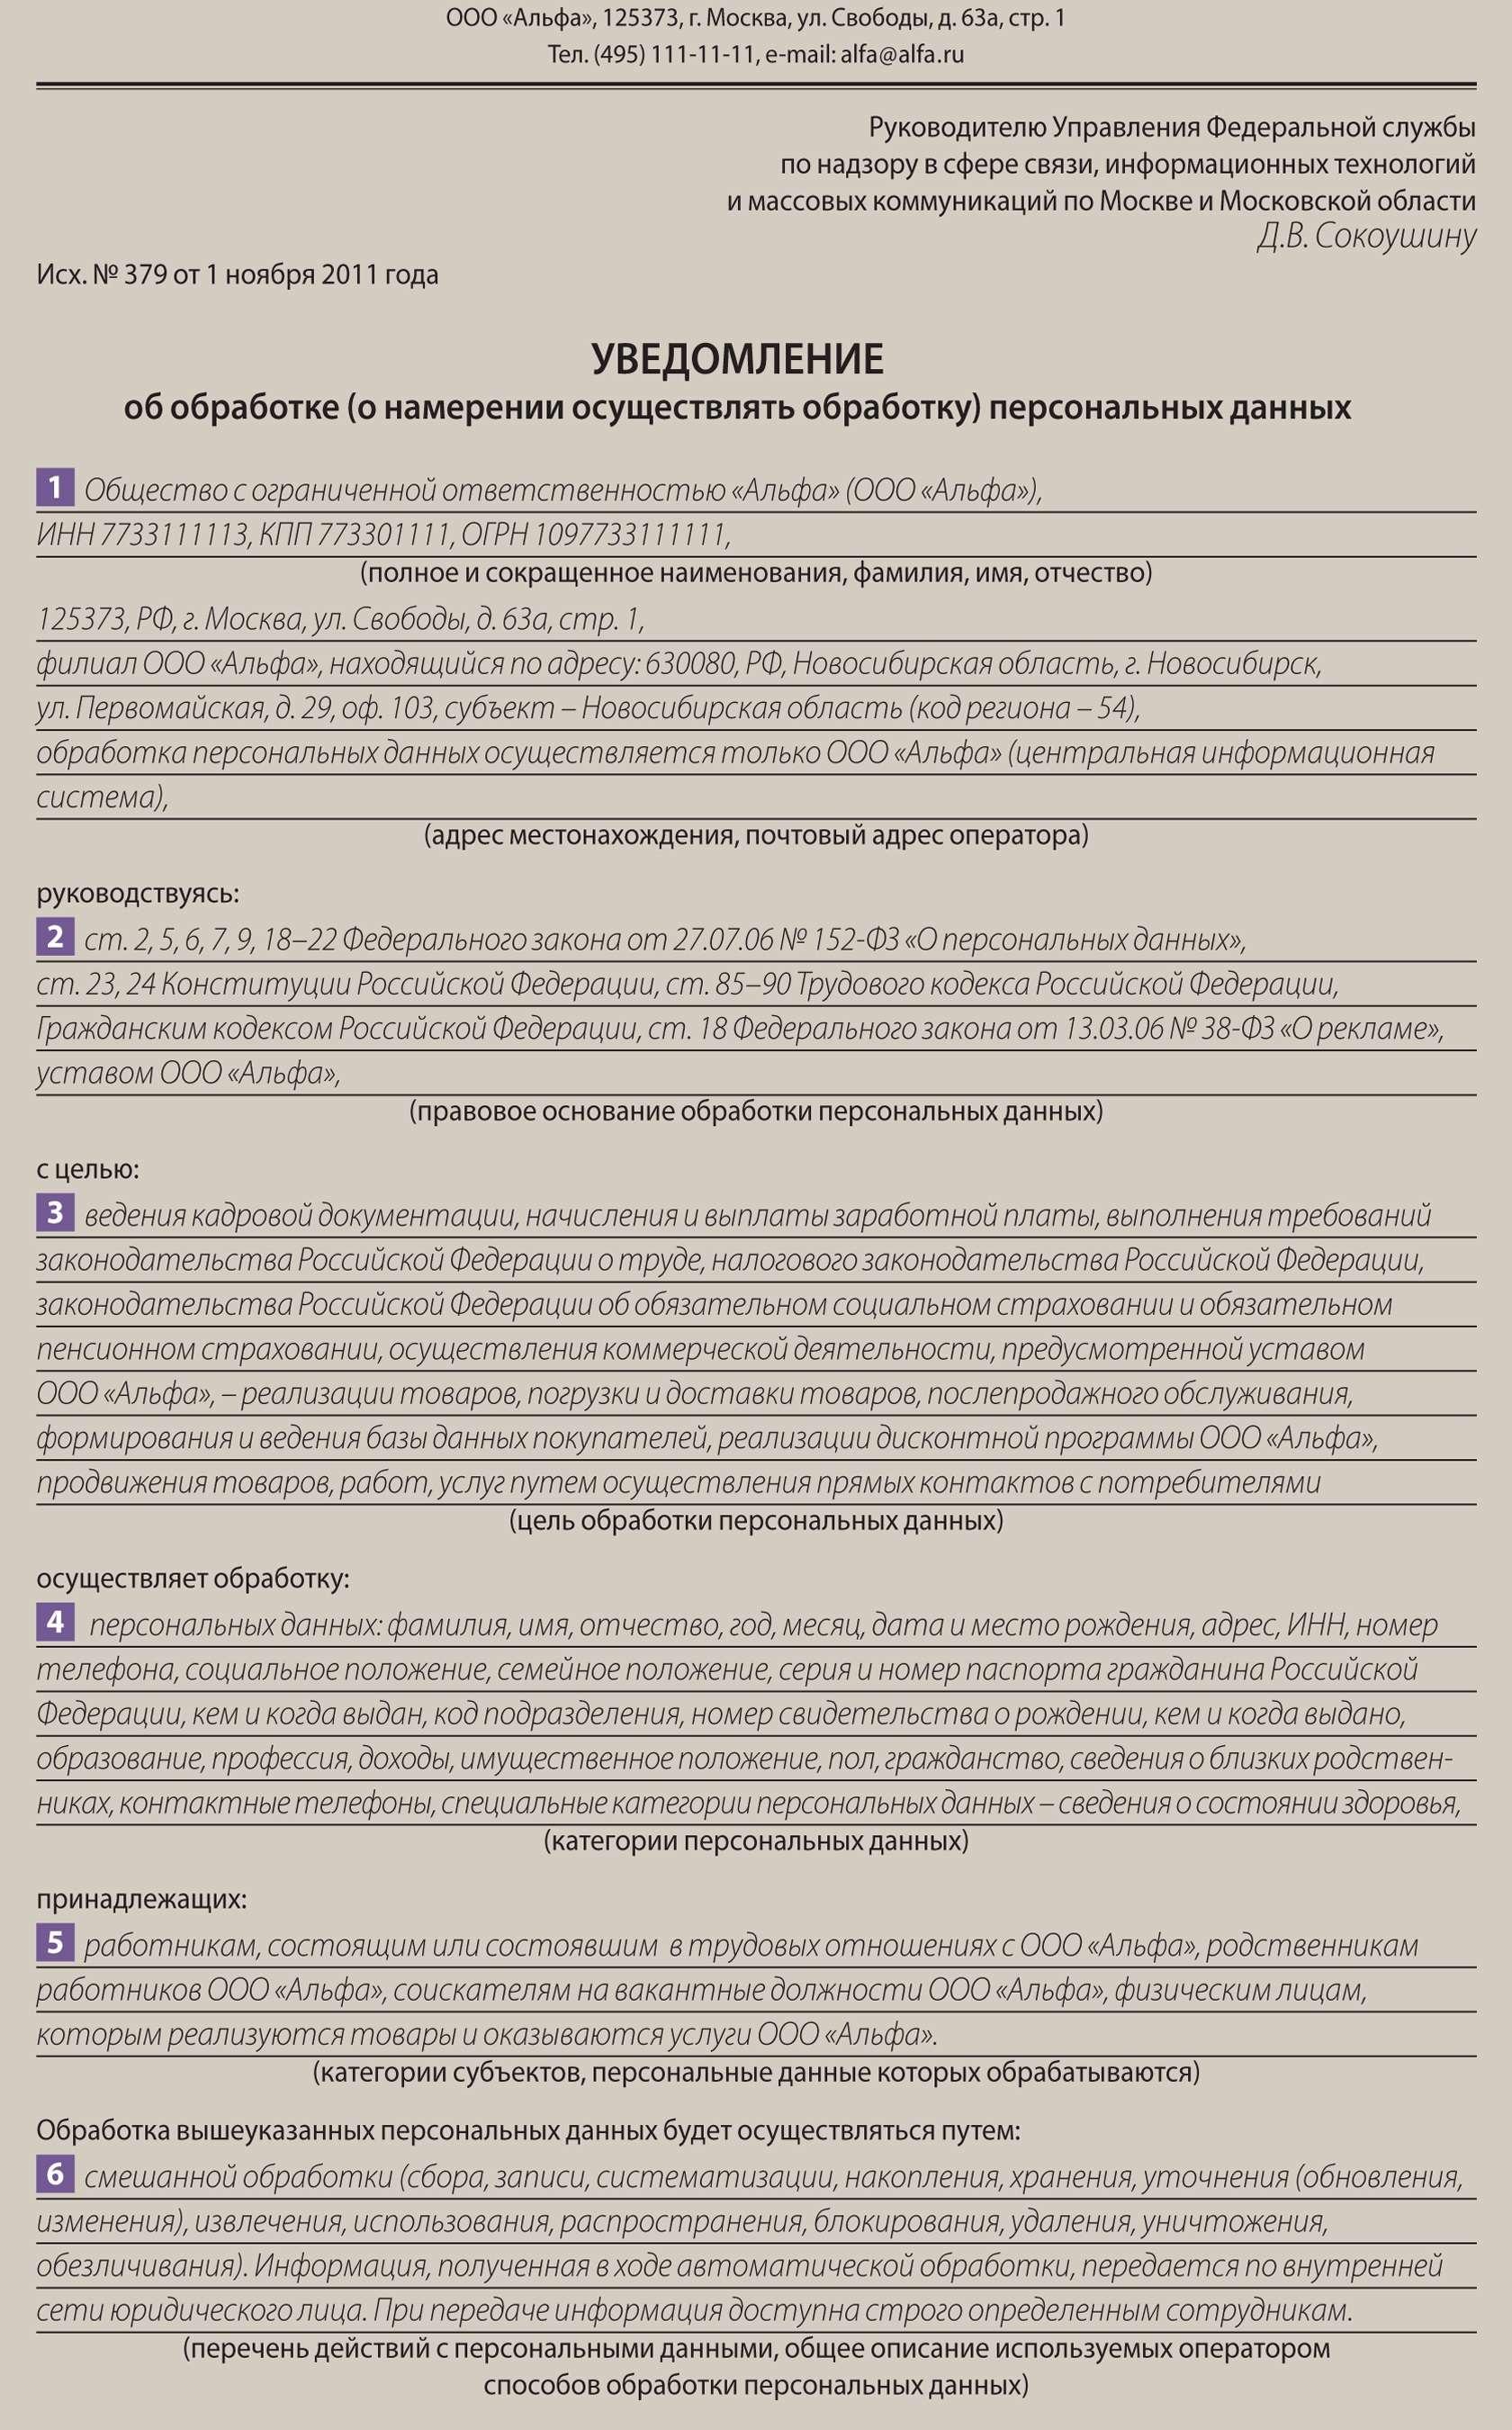 инструкция по заполнению персонифицированных данных